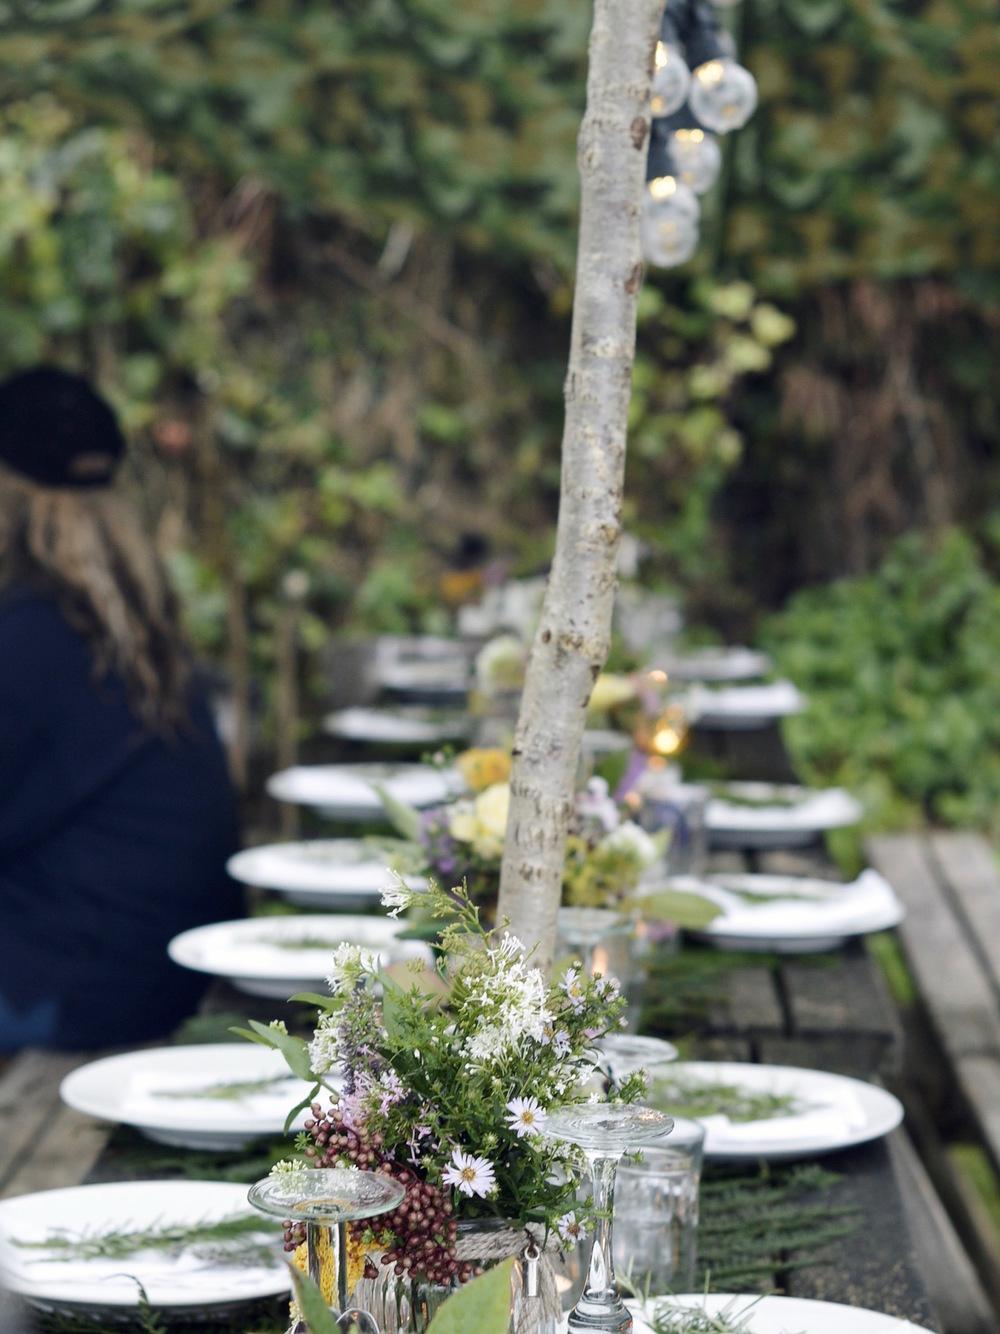 feast_table_styling_01_SLKimmer.jpg